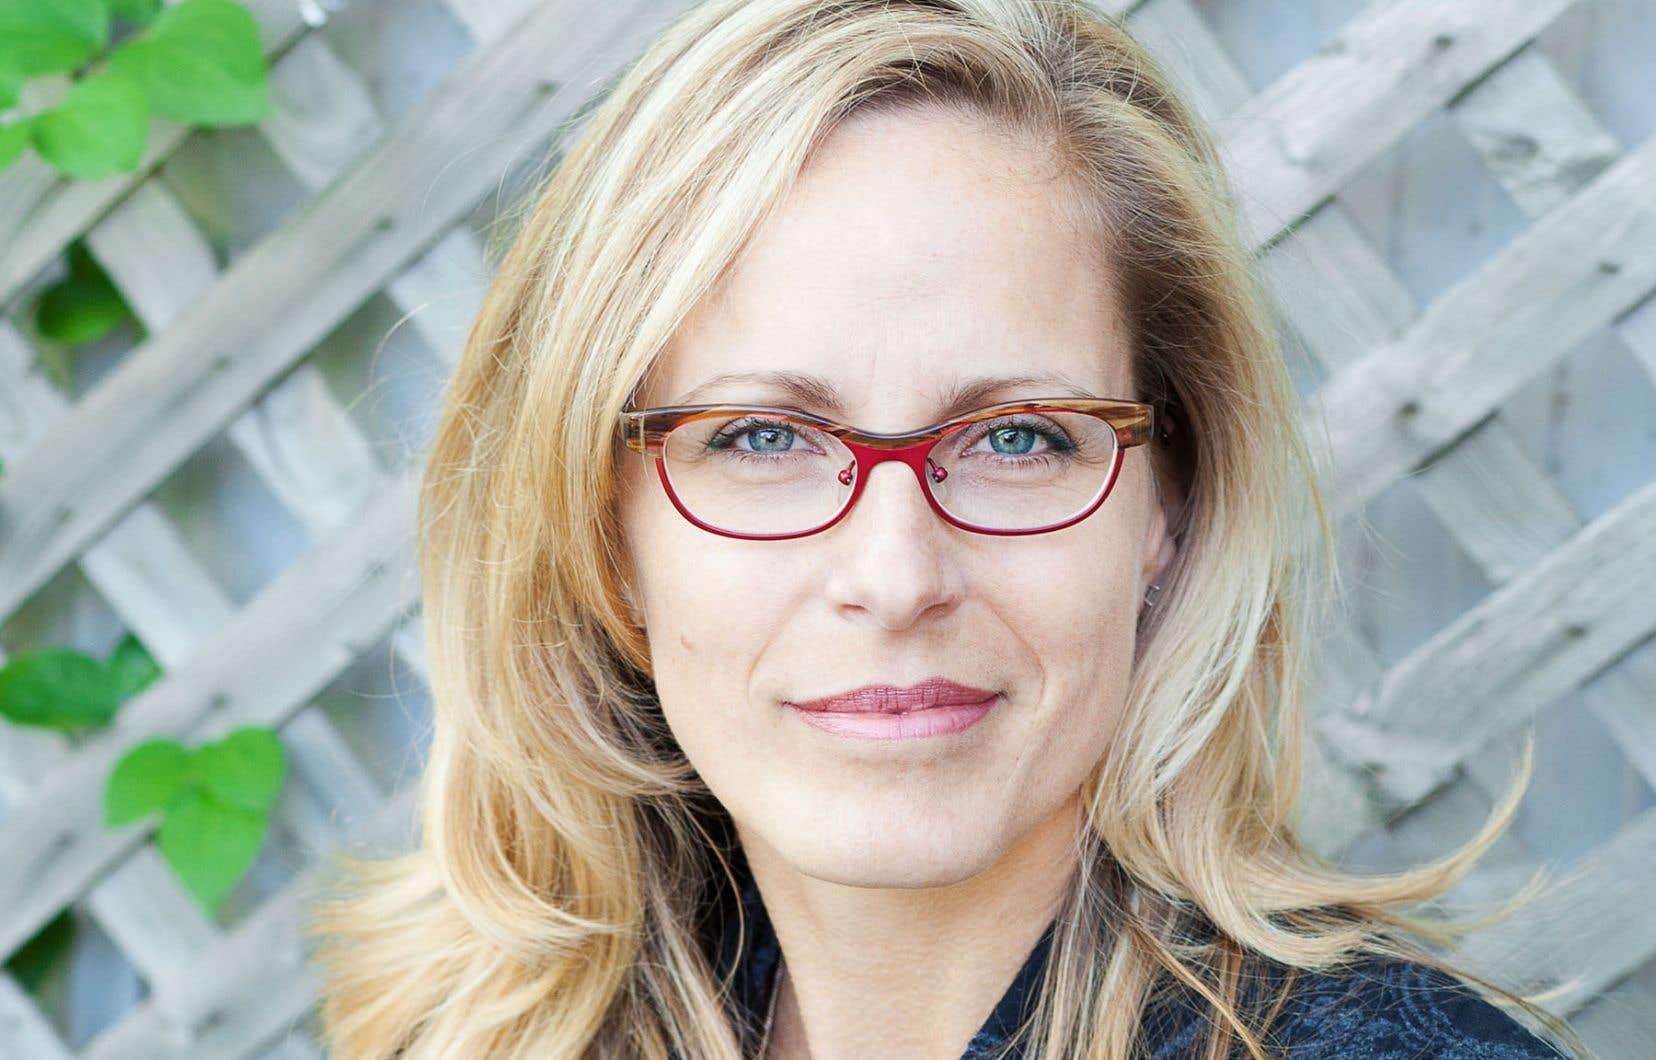 Marie-Renée Lavoie met en lumière un Québec généreux, qui connaît ses limites mais qui refuse d'y faire prospérer sa colère.